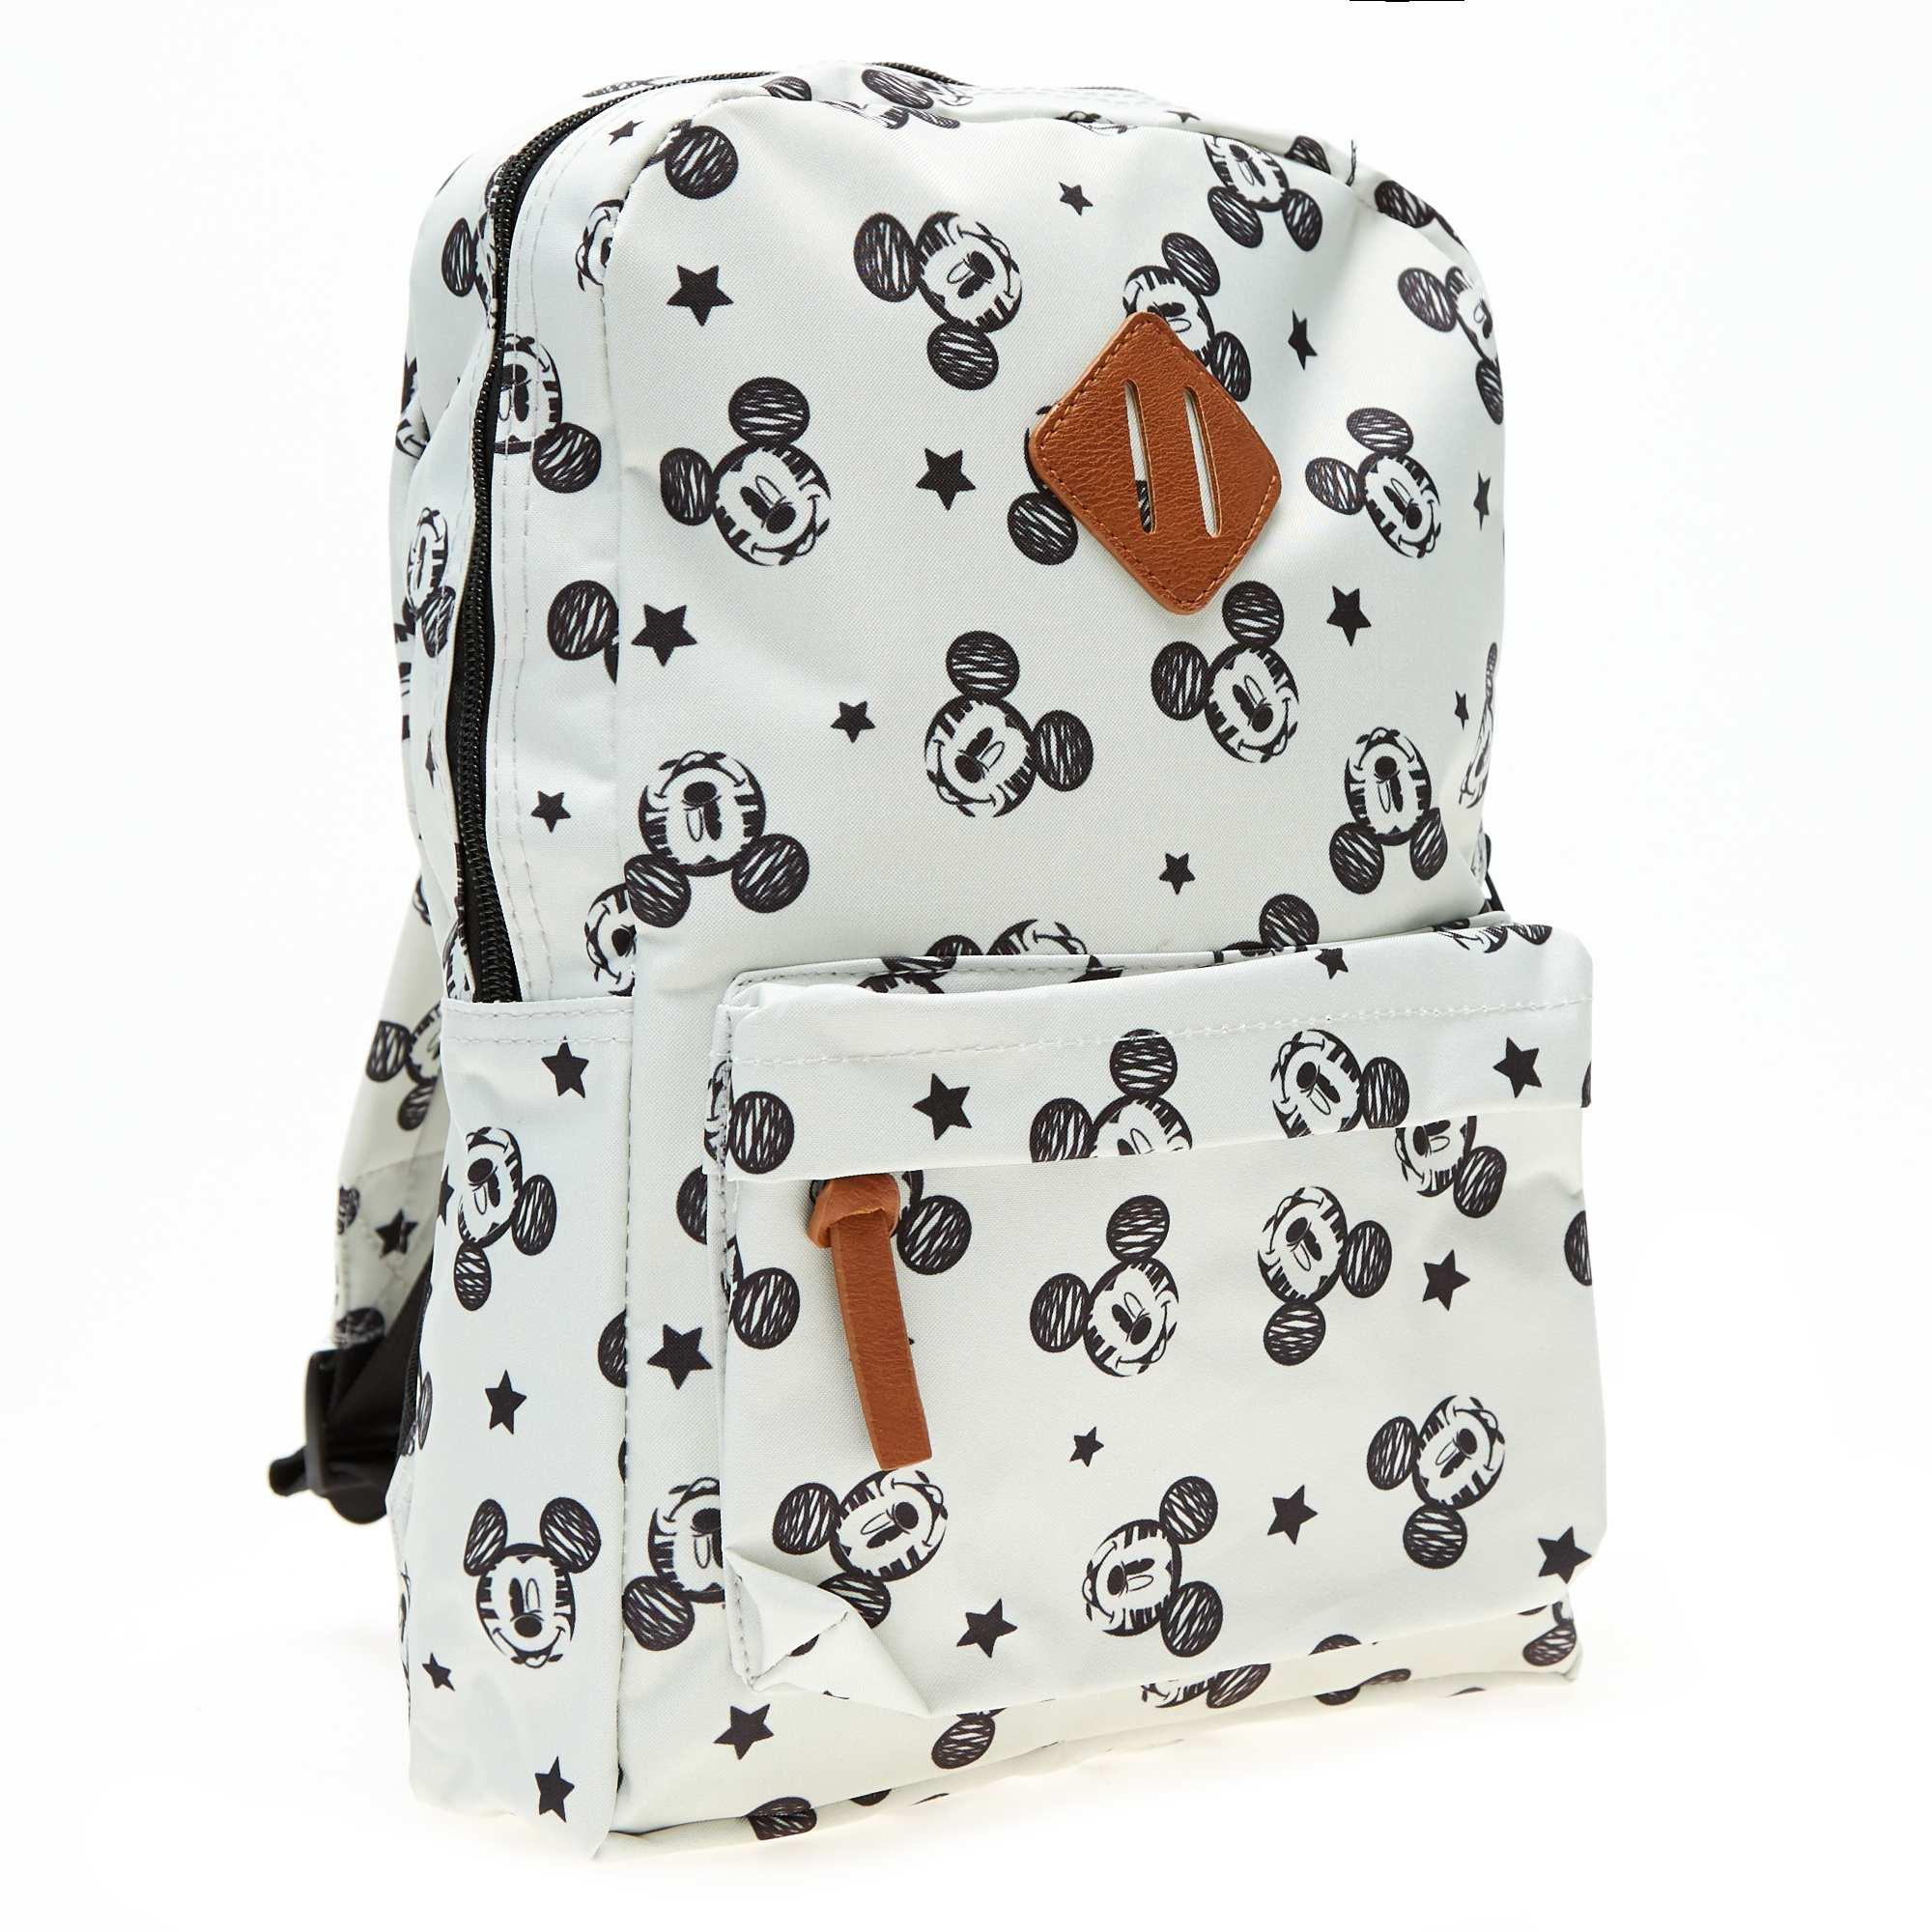 Couleur : blanc, , ,, - Taille : TU, , ,,Bien à l'école avec 'Mickey' ! - Sac à dos en polyester 'Mickey Mouse' de 'Disney' -